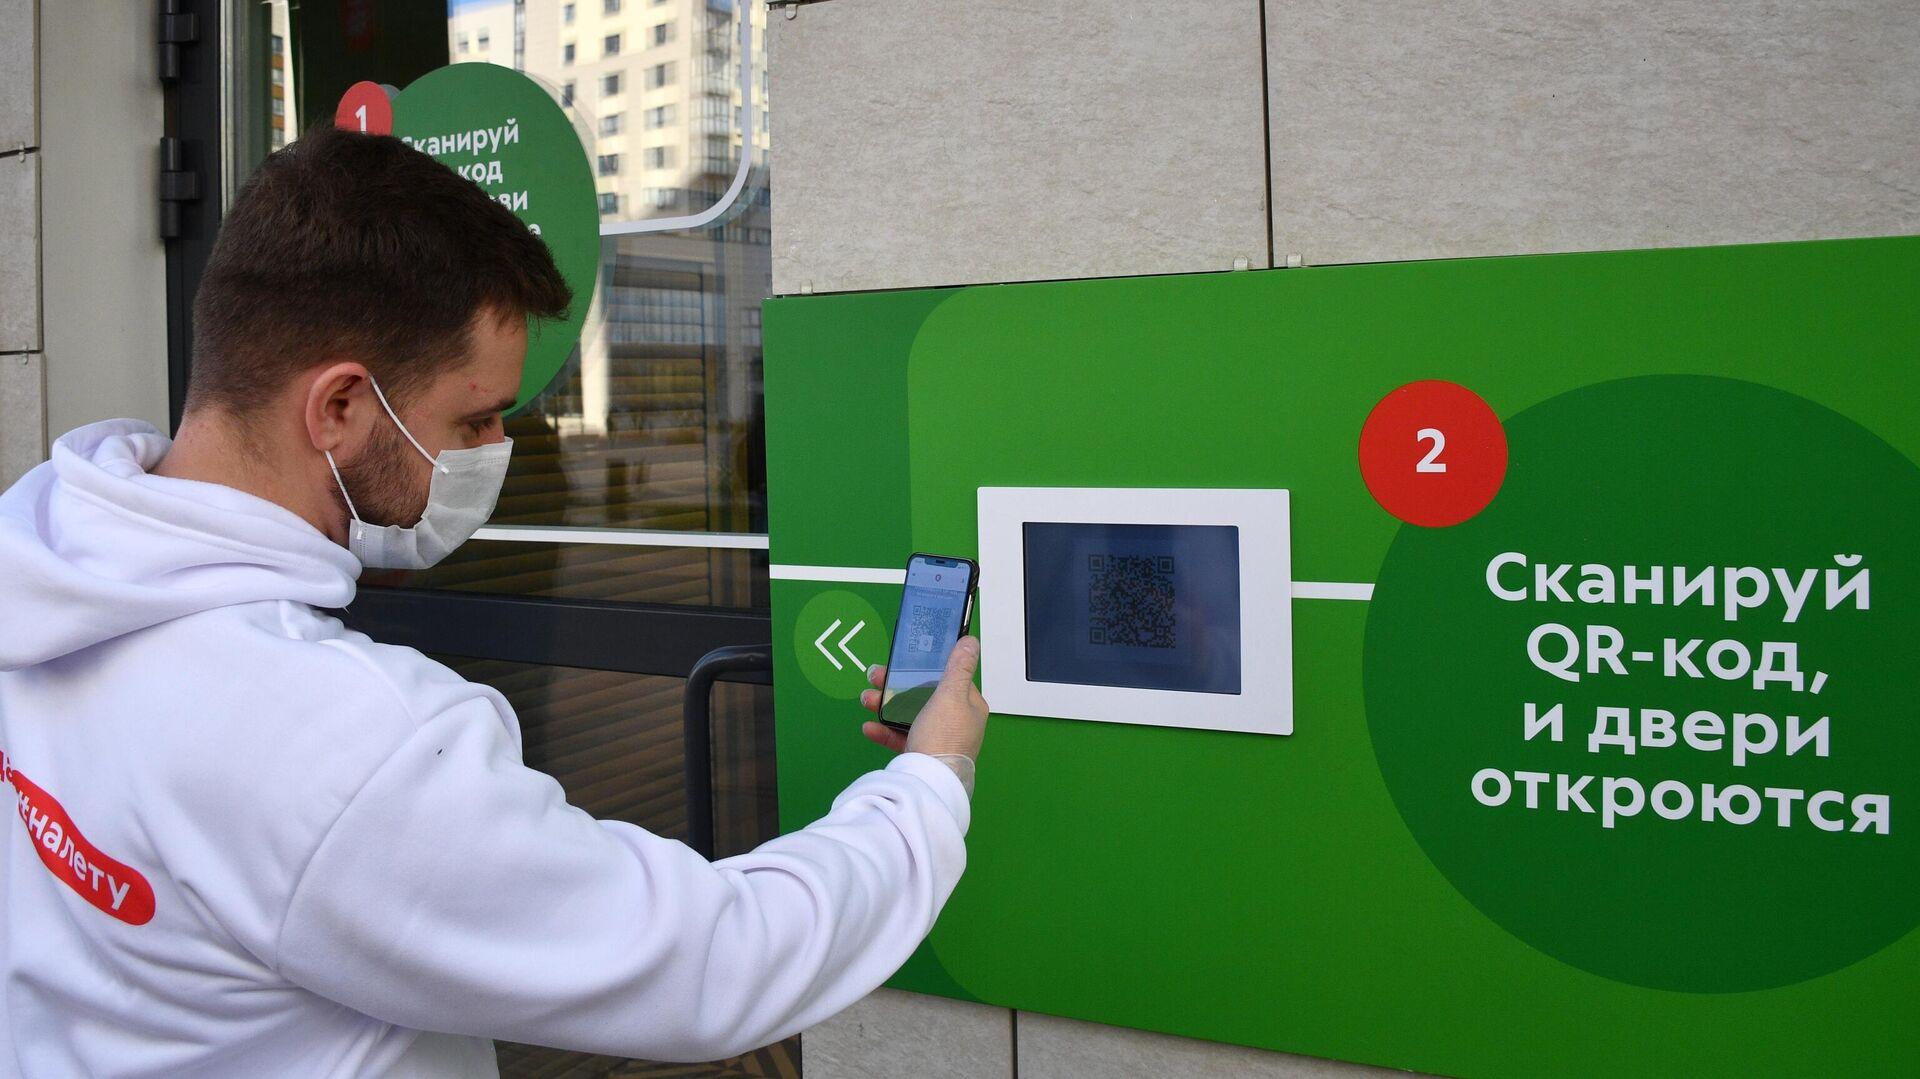 Молодой человек в защитной маске сканирует QR-код с помощью смартфона на входе в магазин - РИА Новости, 1920, 24.06.2021